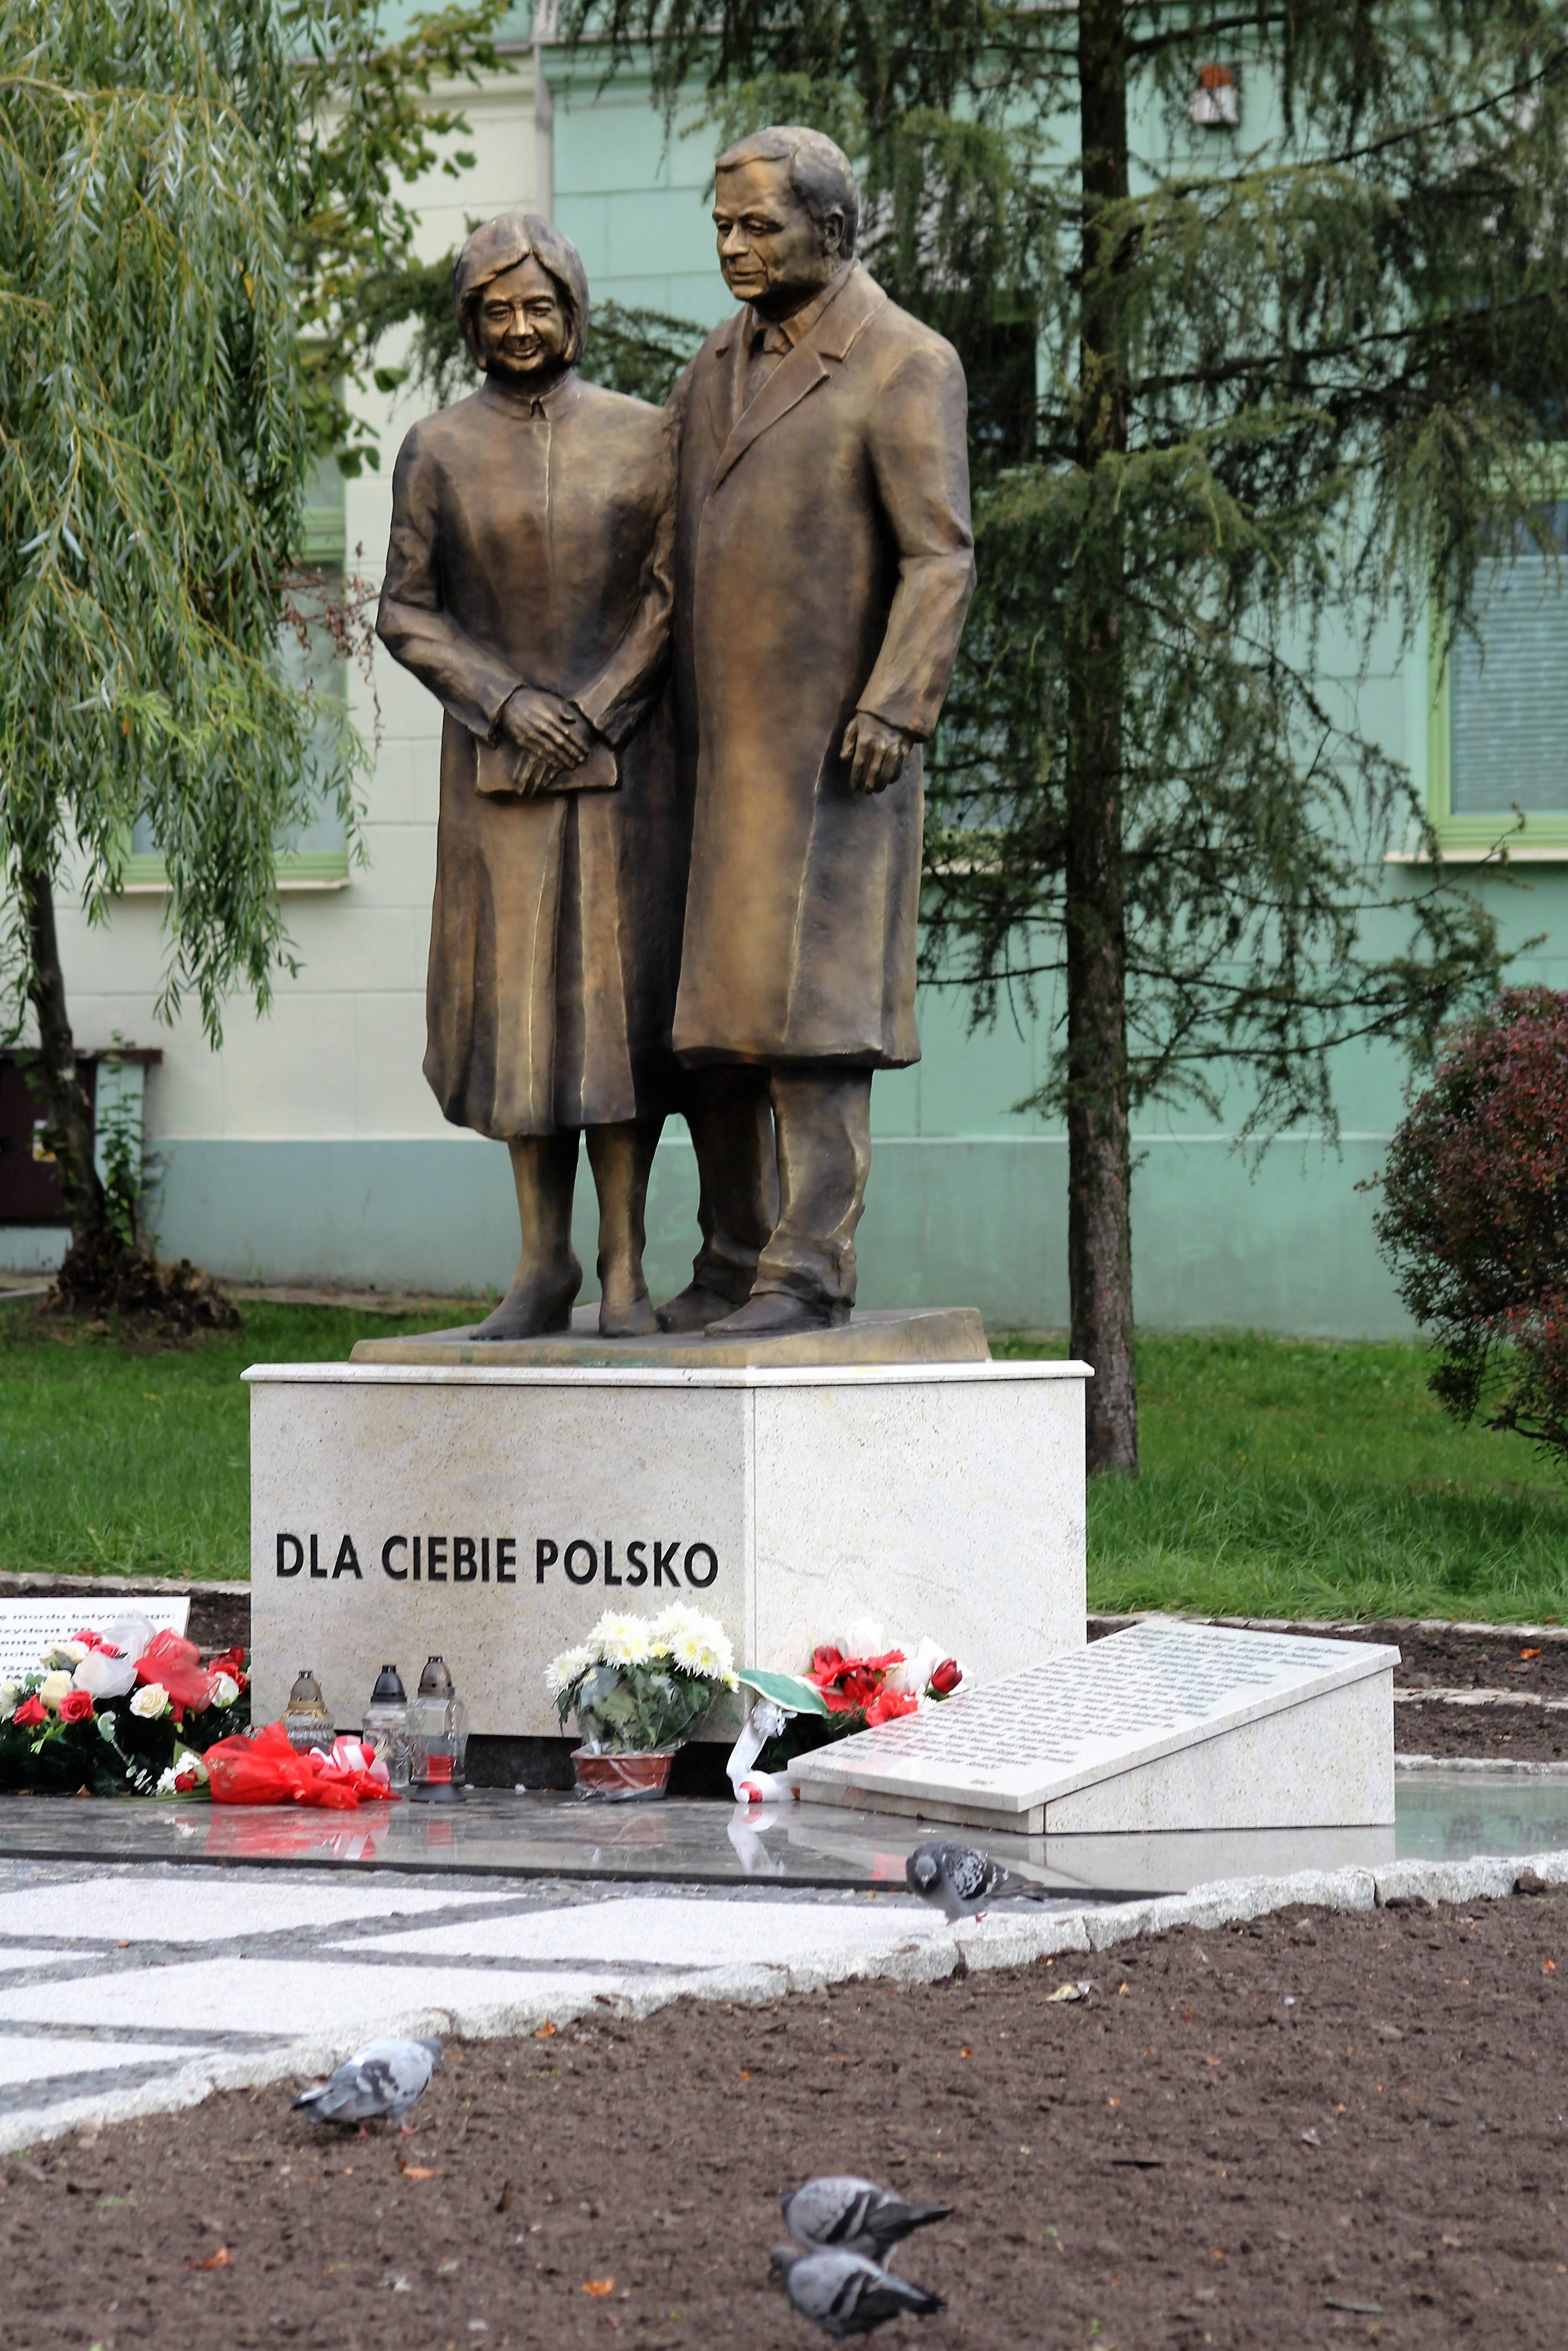 04-radom-pomnik-lecha-i-marii-kaczynskich-nieudana-praca-andrzeja-renesa-fot-jerzy-s-majewski